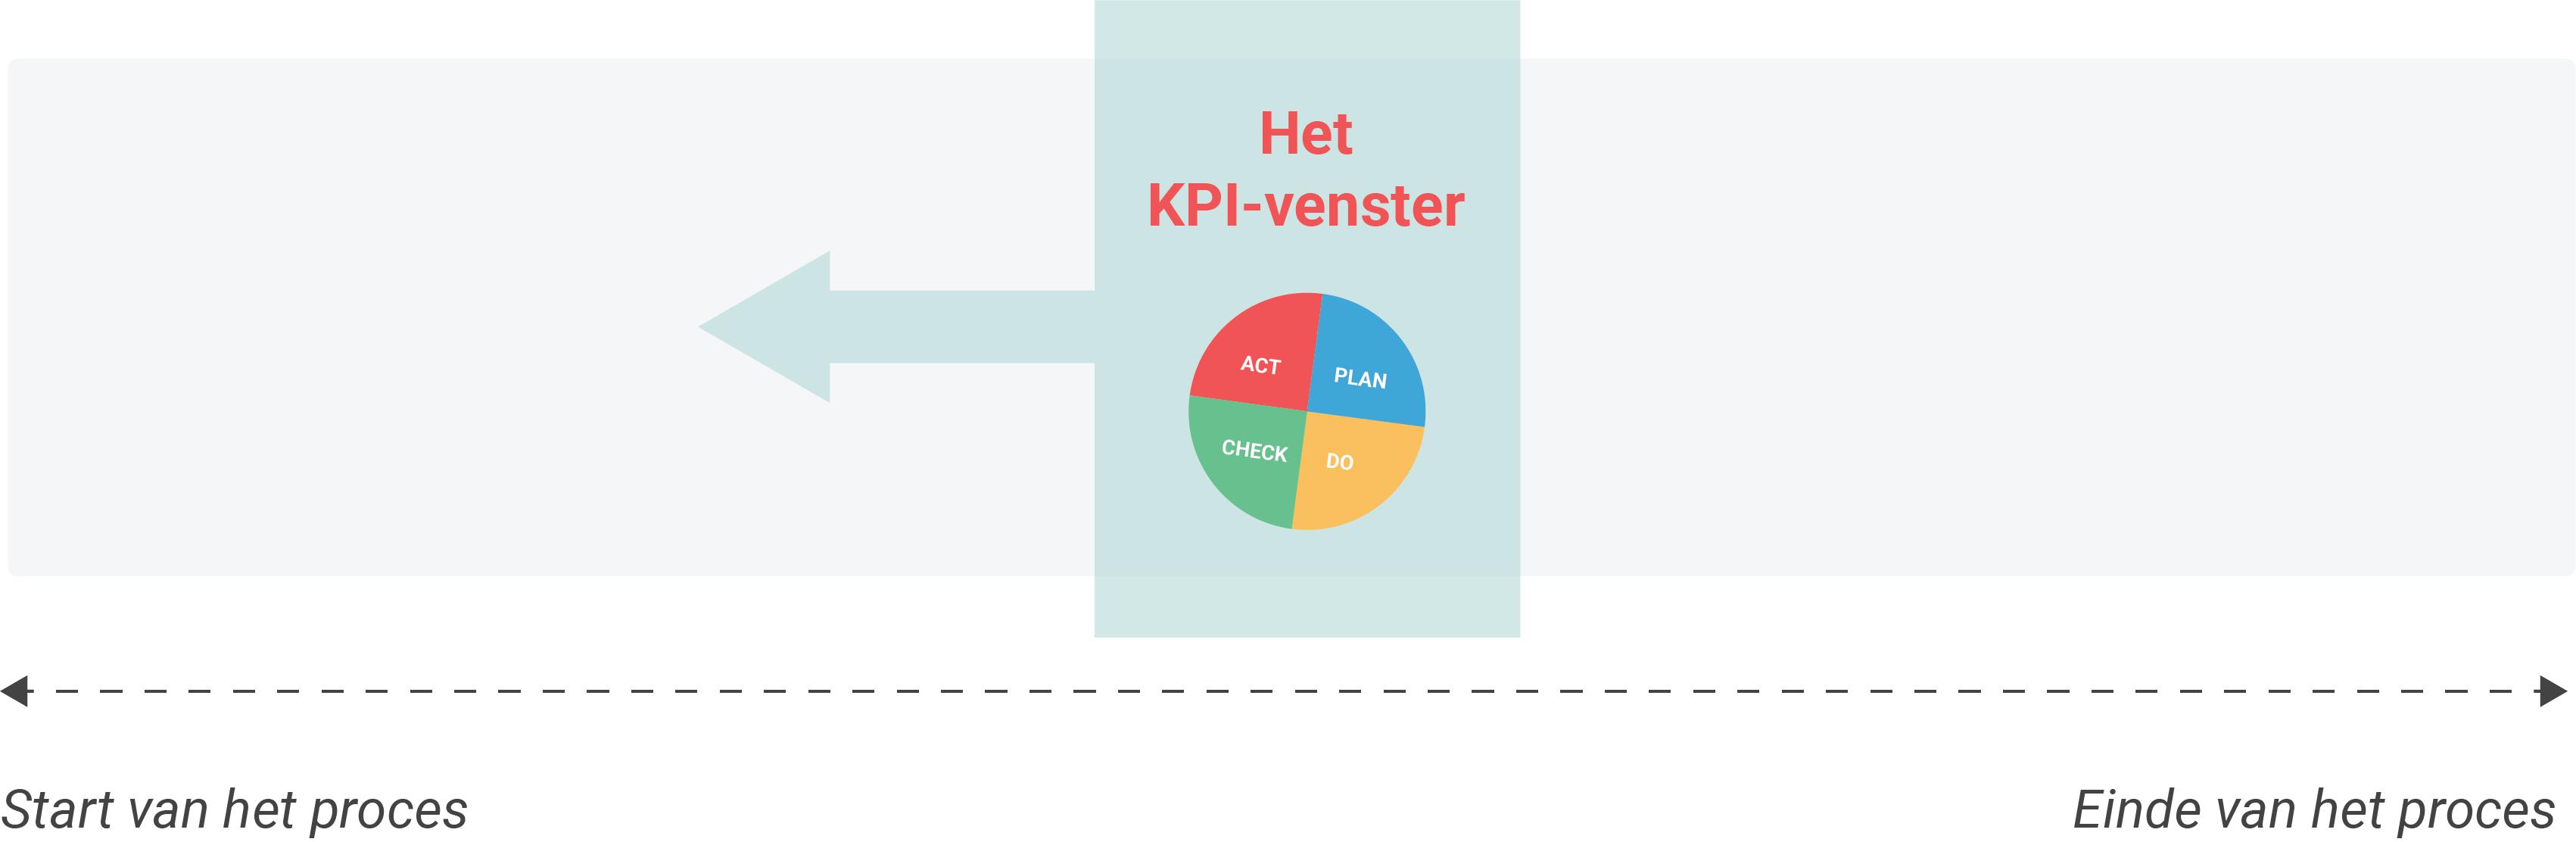 Het KPI-venster verschuift onder druk van Big Data naar voren